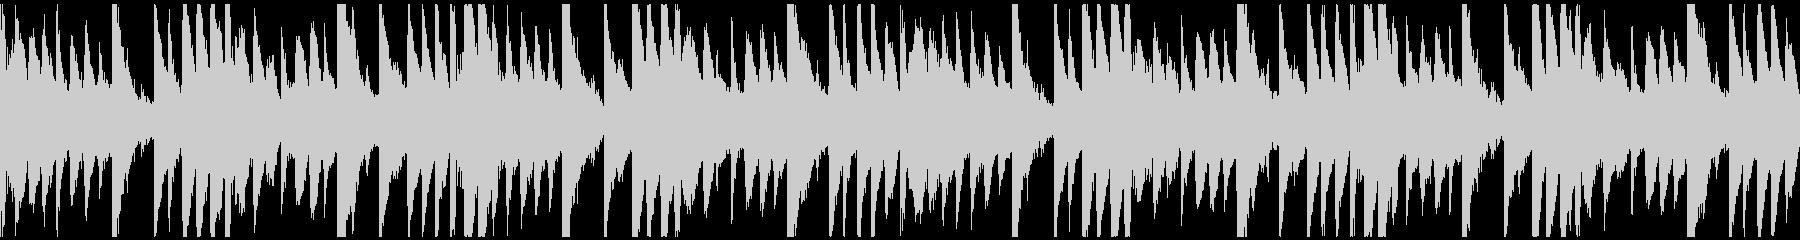 氷・雪を表現したエレクトロニカのループ曲の未再生の波形